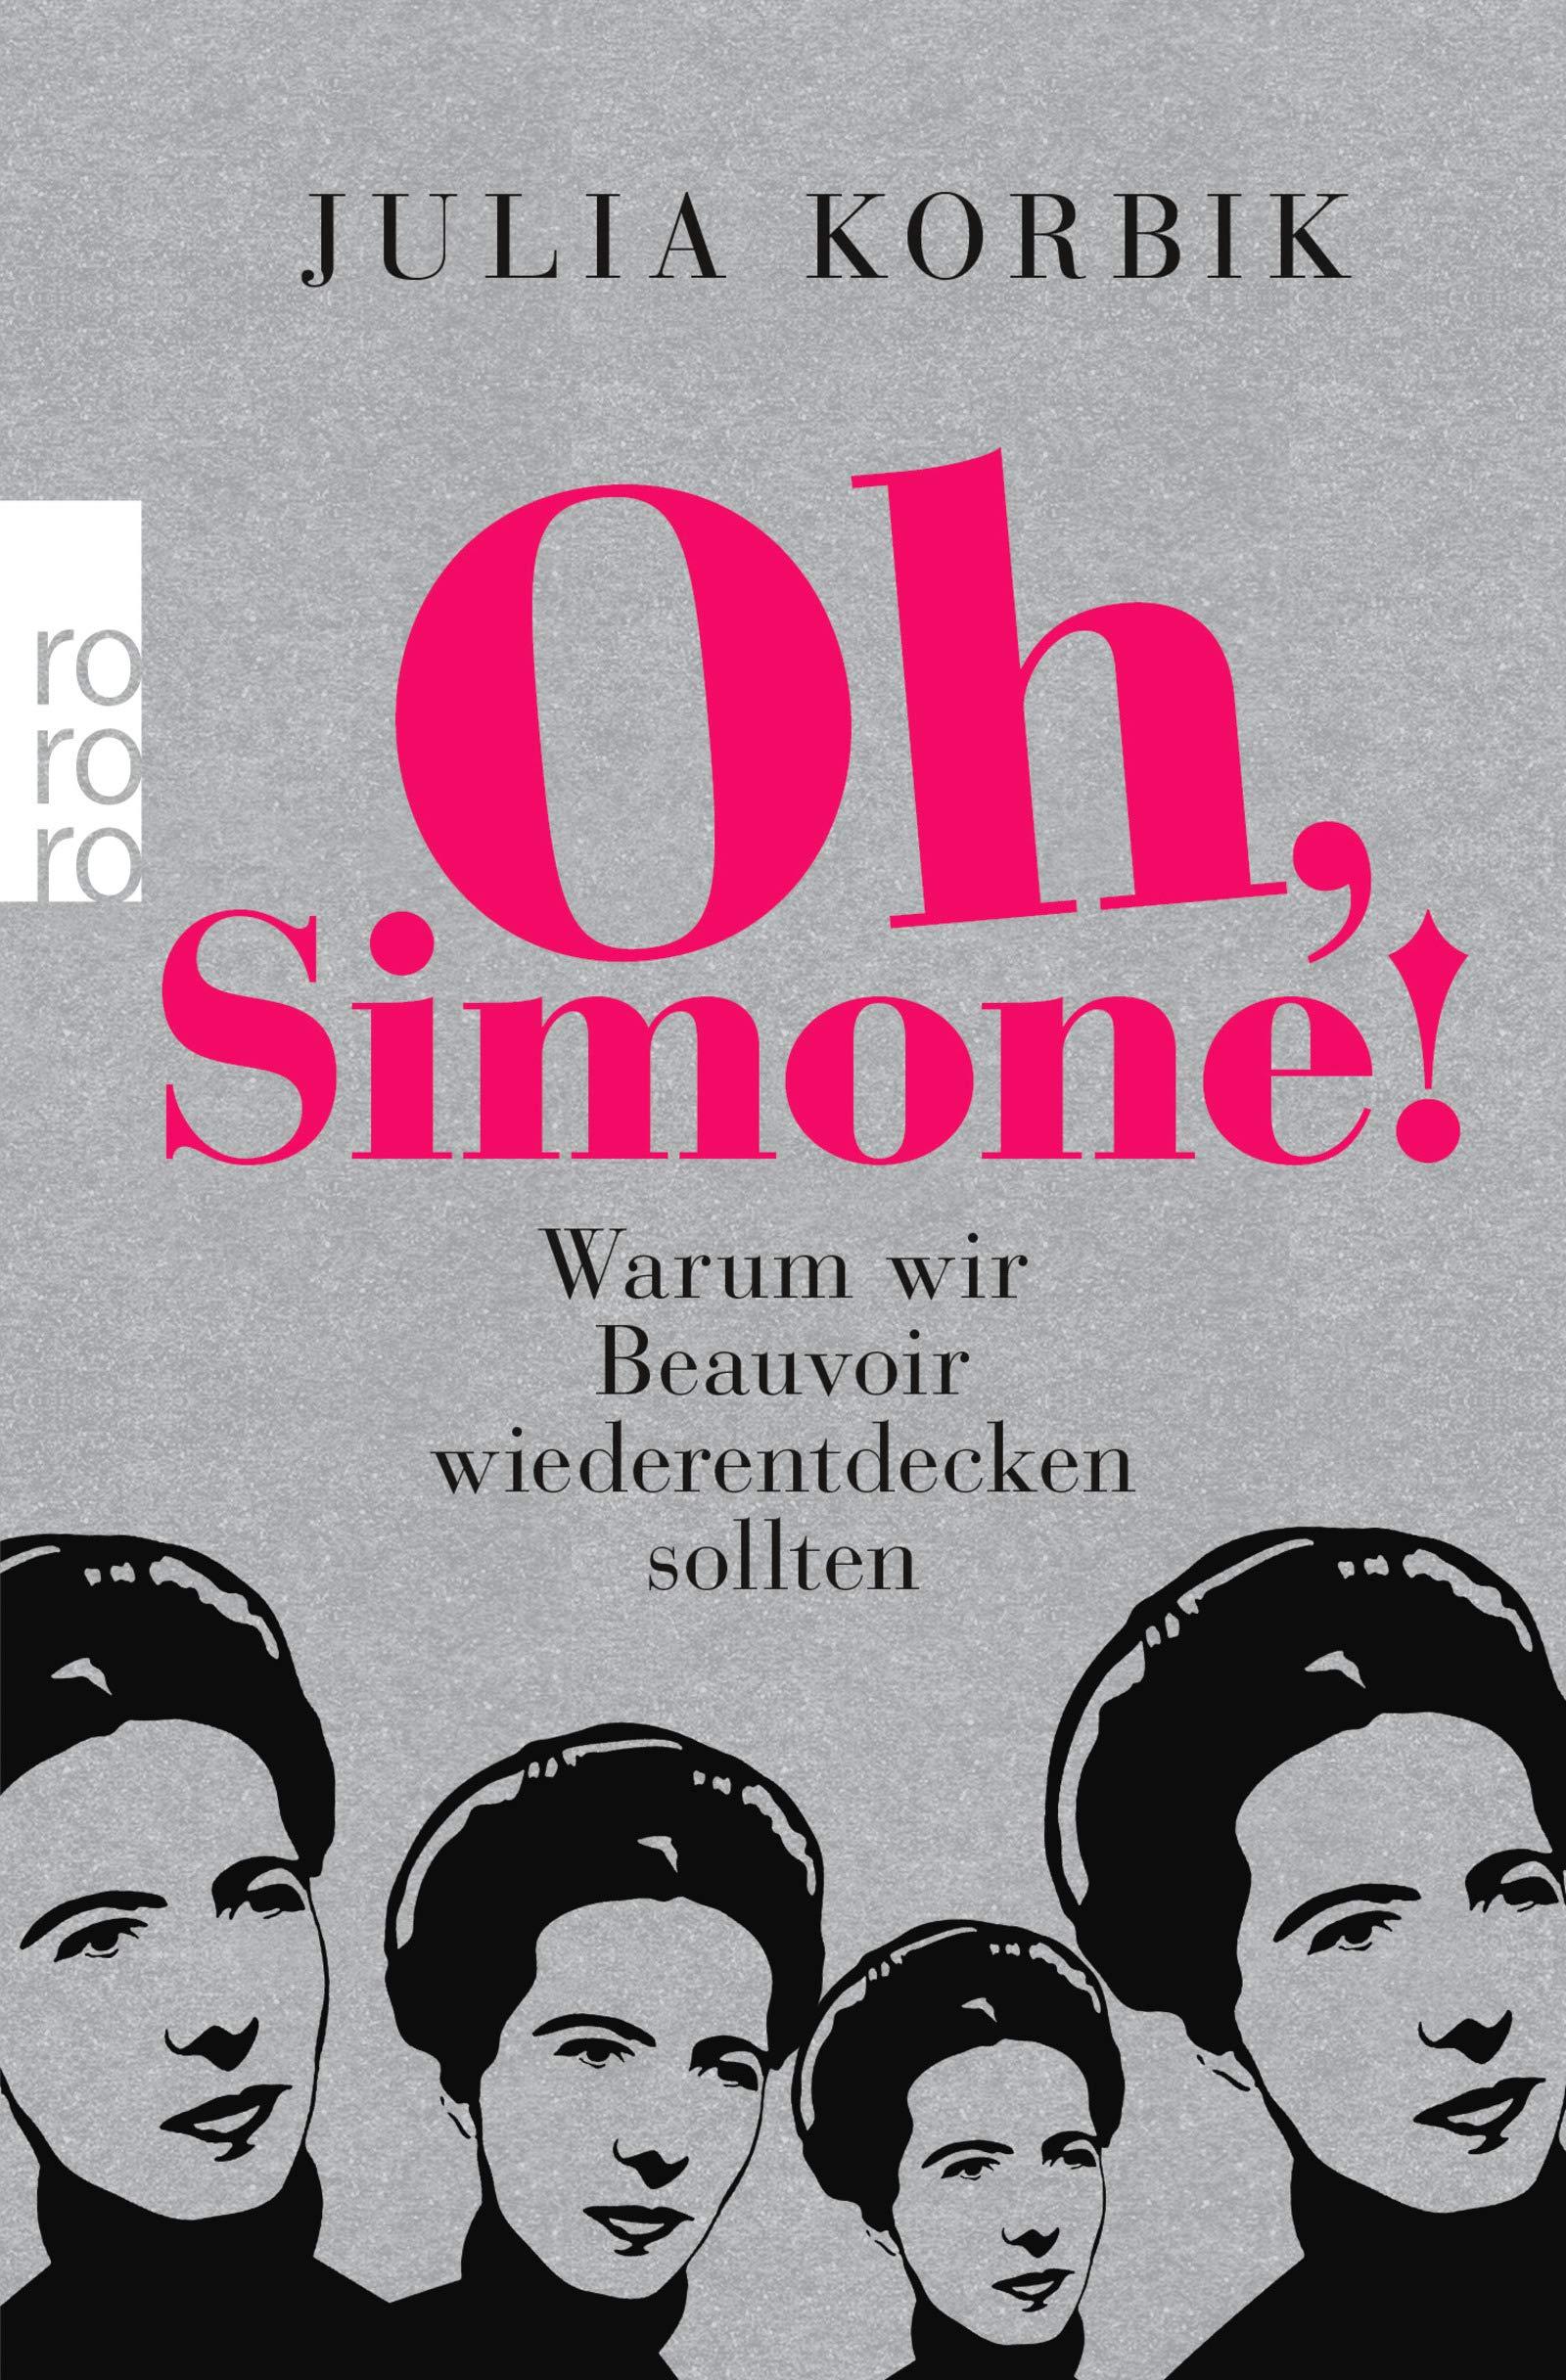 Oh, Simone!: Warum wir Beauvoir wiederentdecken sollten Taschenbuch – 15. Dezember 2017 Julia Korbik Rowohlt Taschenbuch 349963323X Paris